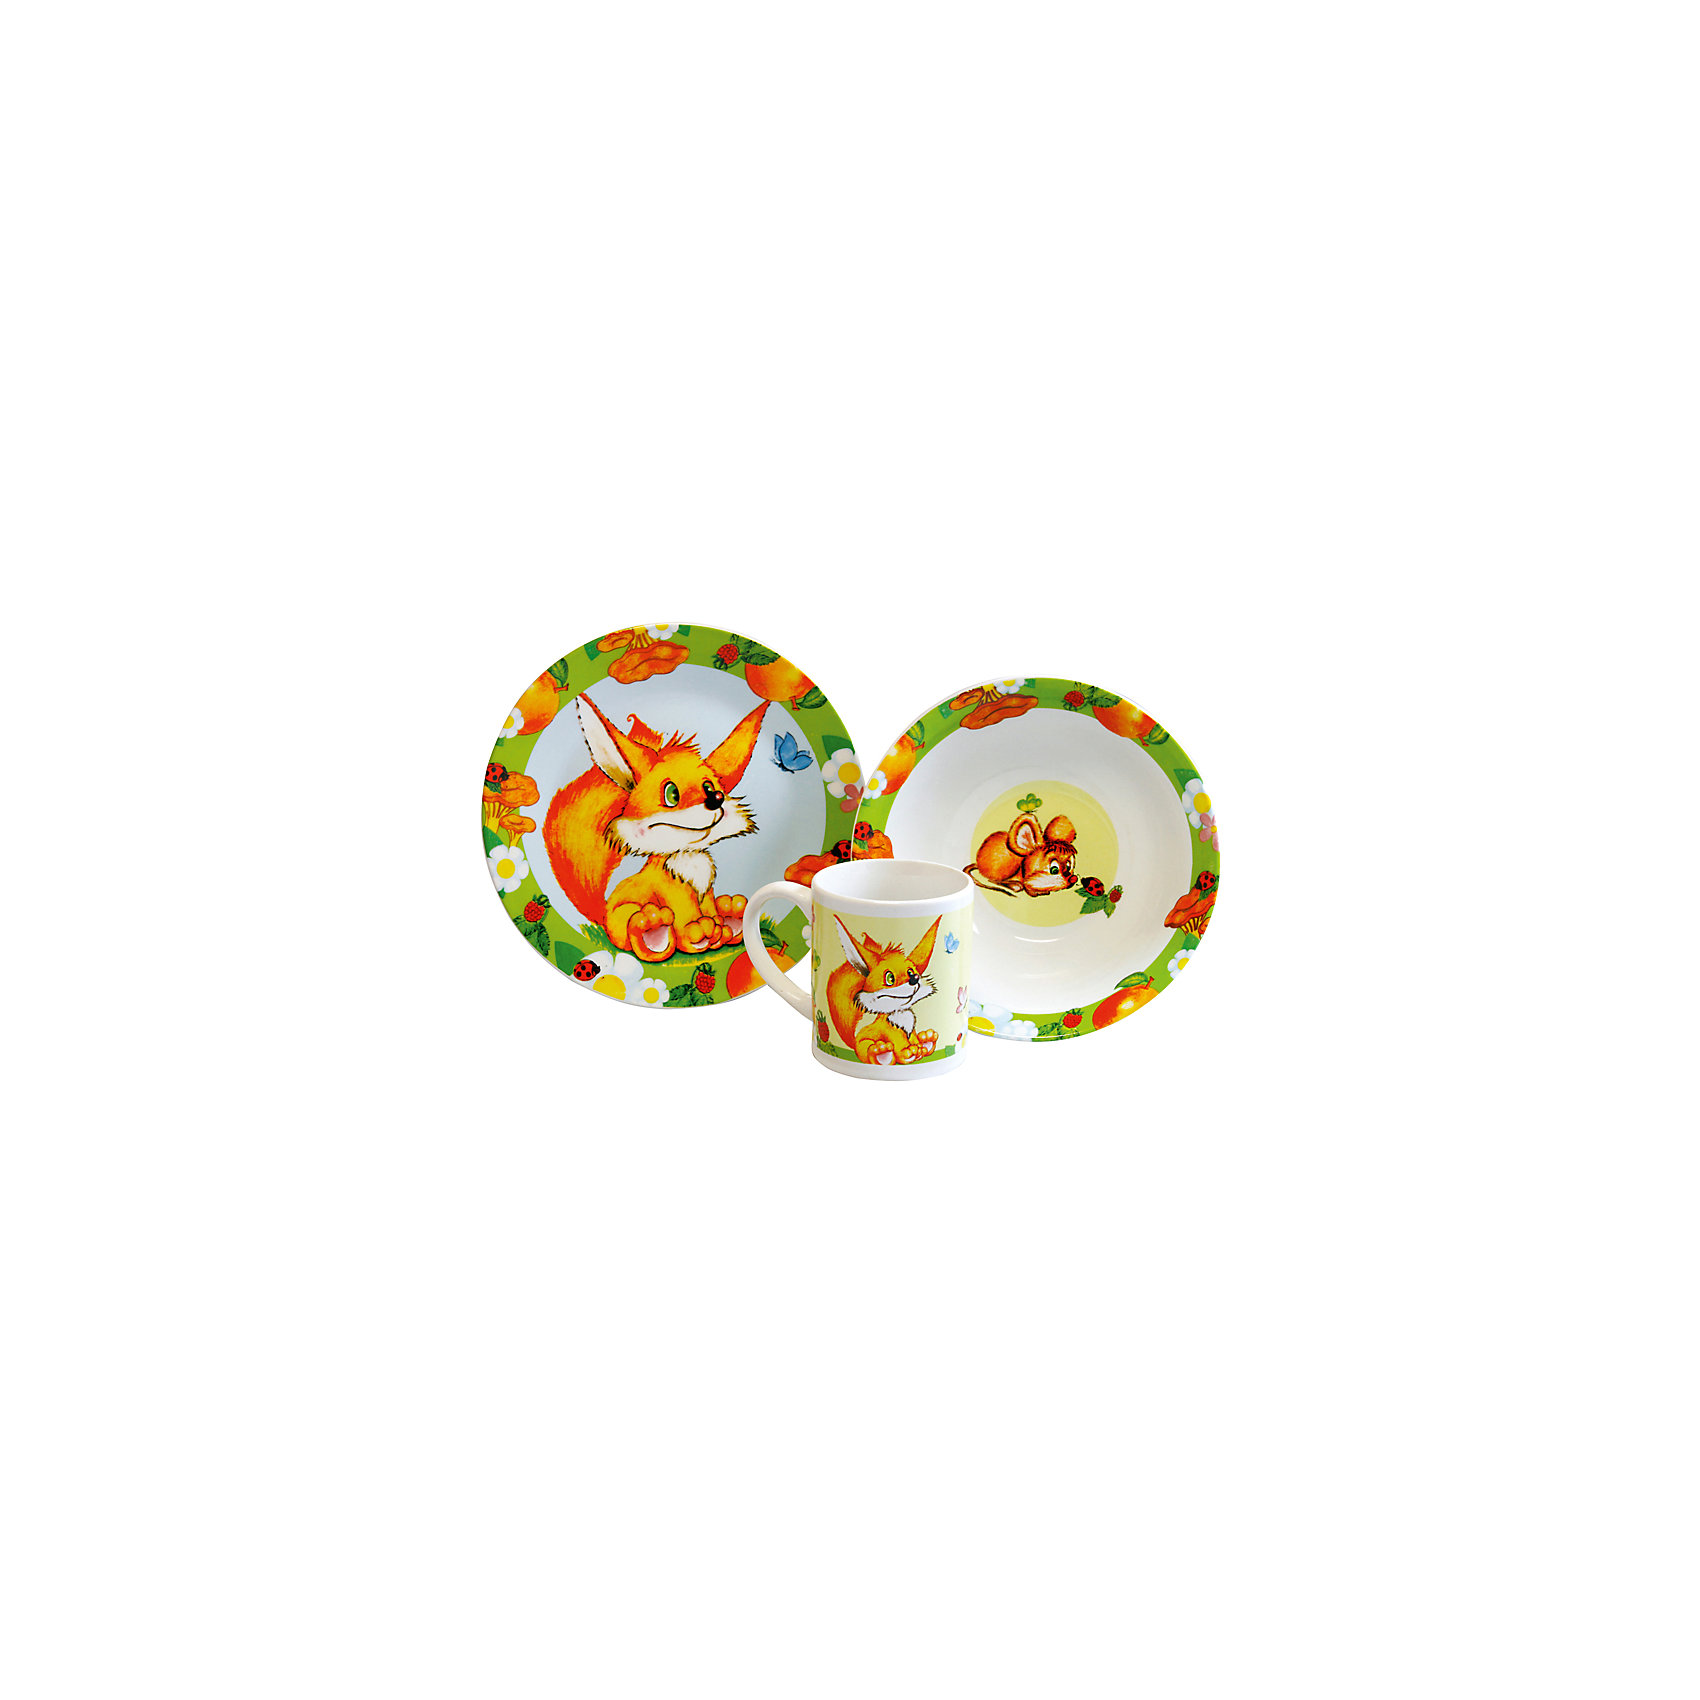 Набор Лисичка (3 предмета, керамика)Набор Лисичка (3 предмета, керамика) – эта яркая красочная посуда поднимет настроение вашему ребенку.<br>Набор красочной детской посуды Лисичка выполненный из качественной керамики, идеально подойдет для повседневного использования. В комплект входят: кружка с удобной ручкой, суповая тарелка, плоская тарелка для вторых блюд и десертов. Яркий набор выполнен в едином стиле, декорирован изображениями забавного лисенка и мышонка. С такой посудой привычная еда станет более вкусной и приятной, а кормление малыша превратится в веселую и интересную игру.<br><br>Дополнительная информация:<br><br>- В наборе: кружка, суповая тарелка, тарелка<br>- Материал: керамика<br>- Диаметр плоской тарелки для вторых блюд и десертов: 19 см.<br>- Диаметр суповой тарелки: 18 см.<br>- Объем кружки: 240 мл.<br>- Упаковка: подарочная коробка<br>- Размер упаковки: 25 x 8,5 x 20 см.<br>- Вес: 912 гр.<br>- Пригодна для мытья в посудомоечной машине<br><br>Набор Лисичка (3 предмета, керамика) можно купить в нашем интернет-магазине.<br><br>Ширина мм: 250<br>Глубина мм: 85<br>Высота мм: 200<br>Вес г: 912<br>Возраст от месяцев: 36<br>Возраст до месяцев: 144<br>Пол: Унисекс<br>Возраст: Детский<br>SKU: 4606790